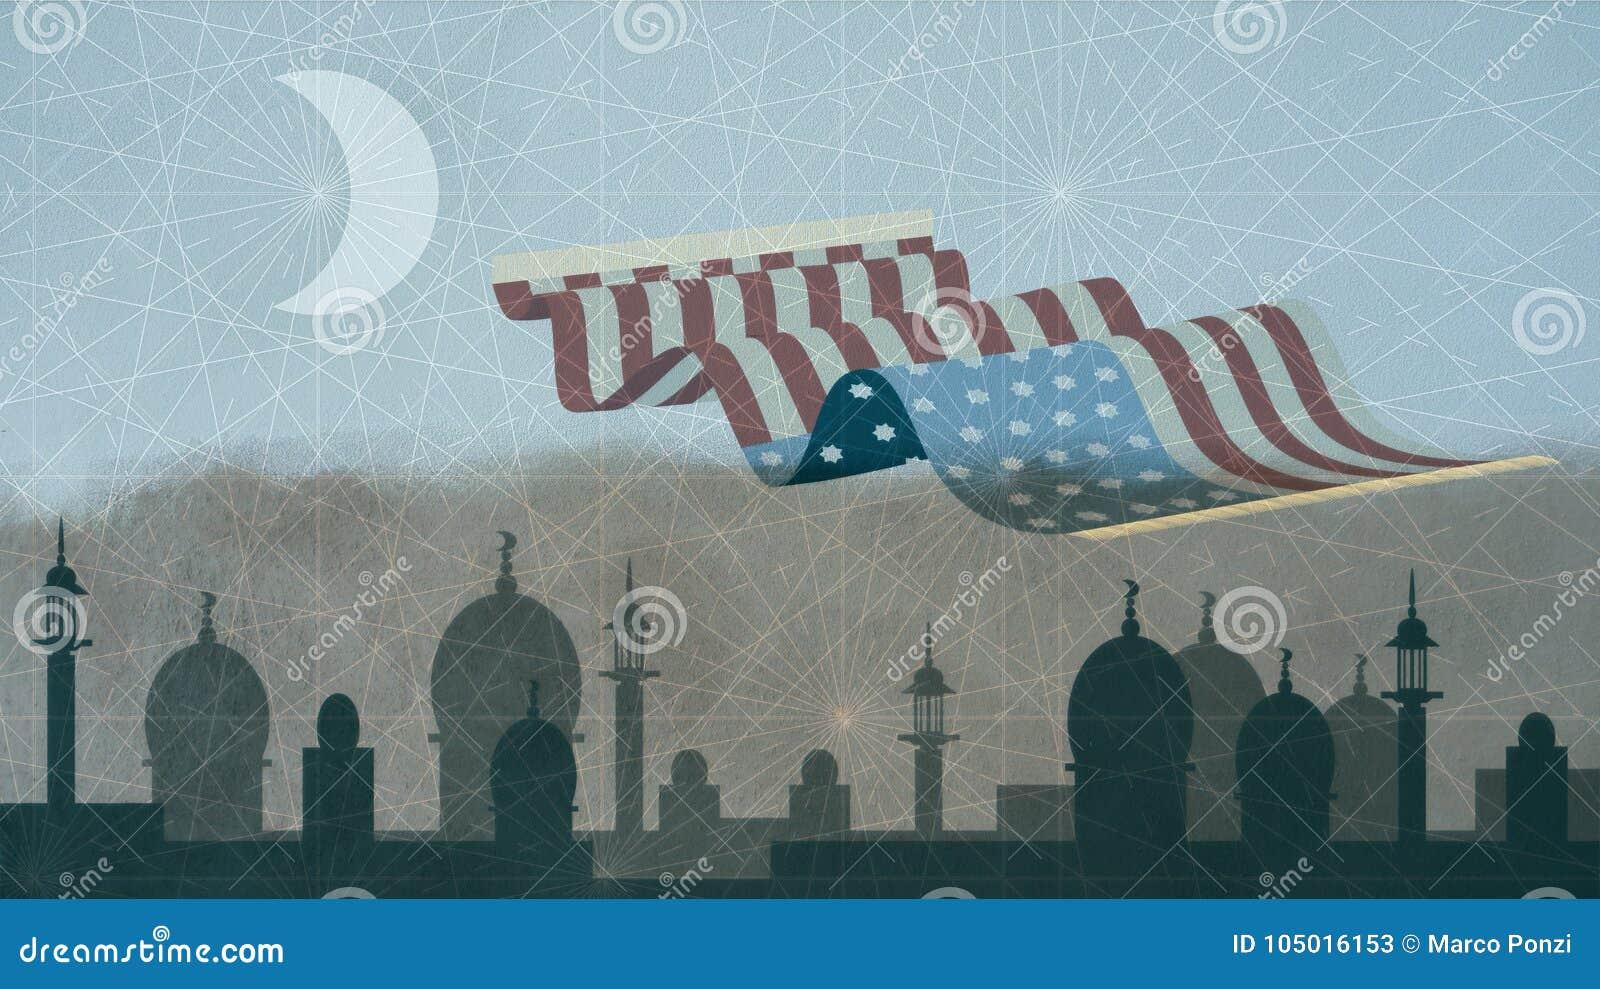 USA kennzeichnen dargestellt als magischer Teppich, der über islamisches Stadtbild fliegt